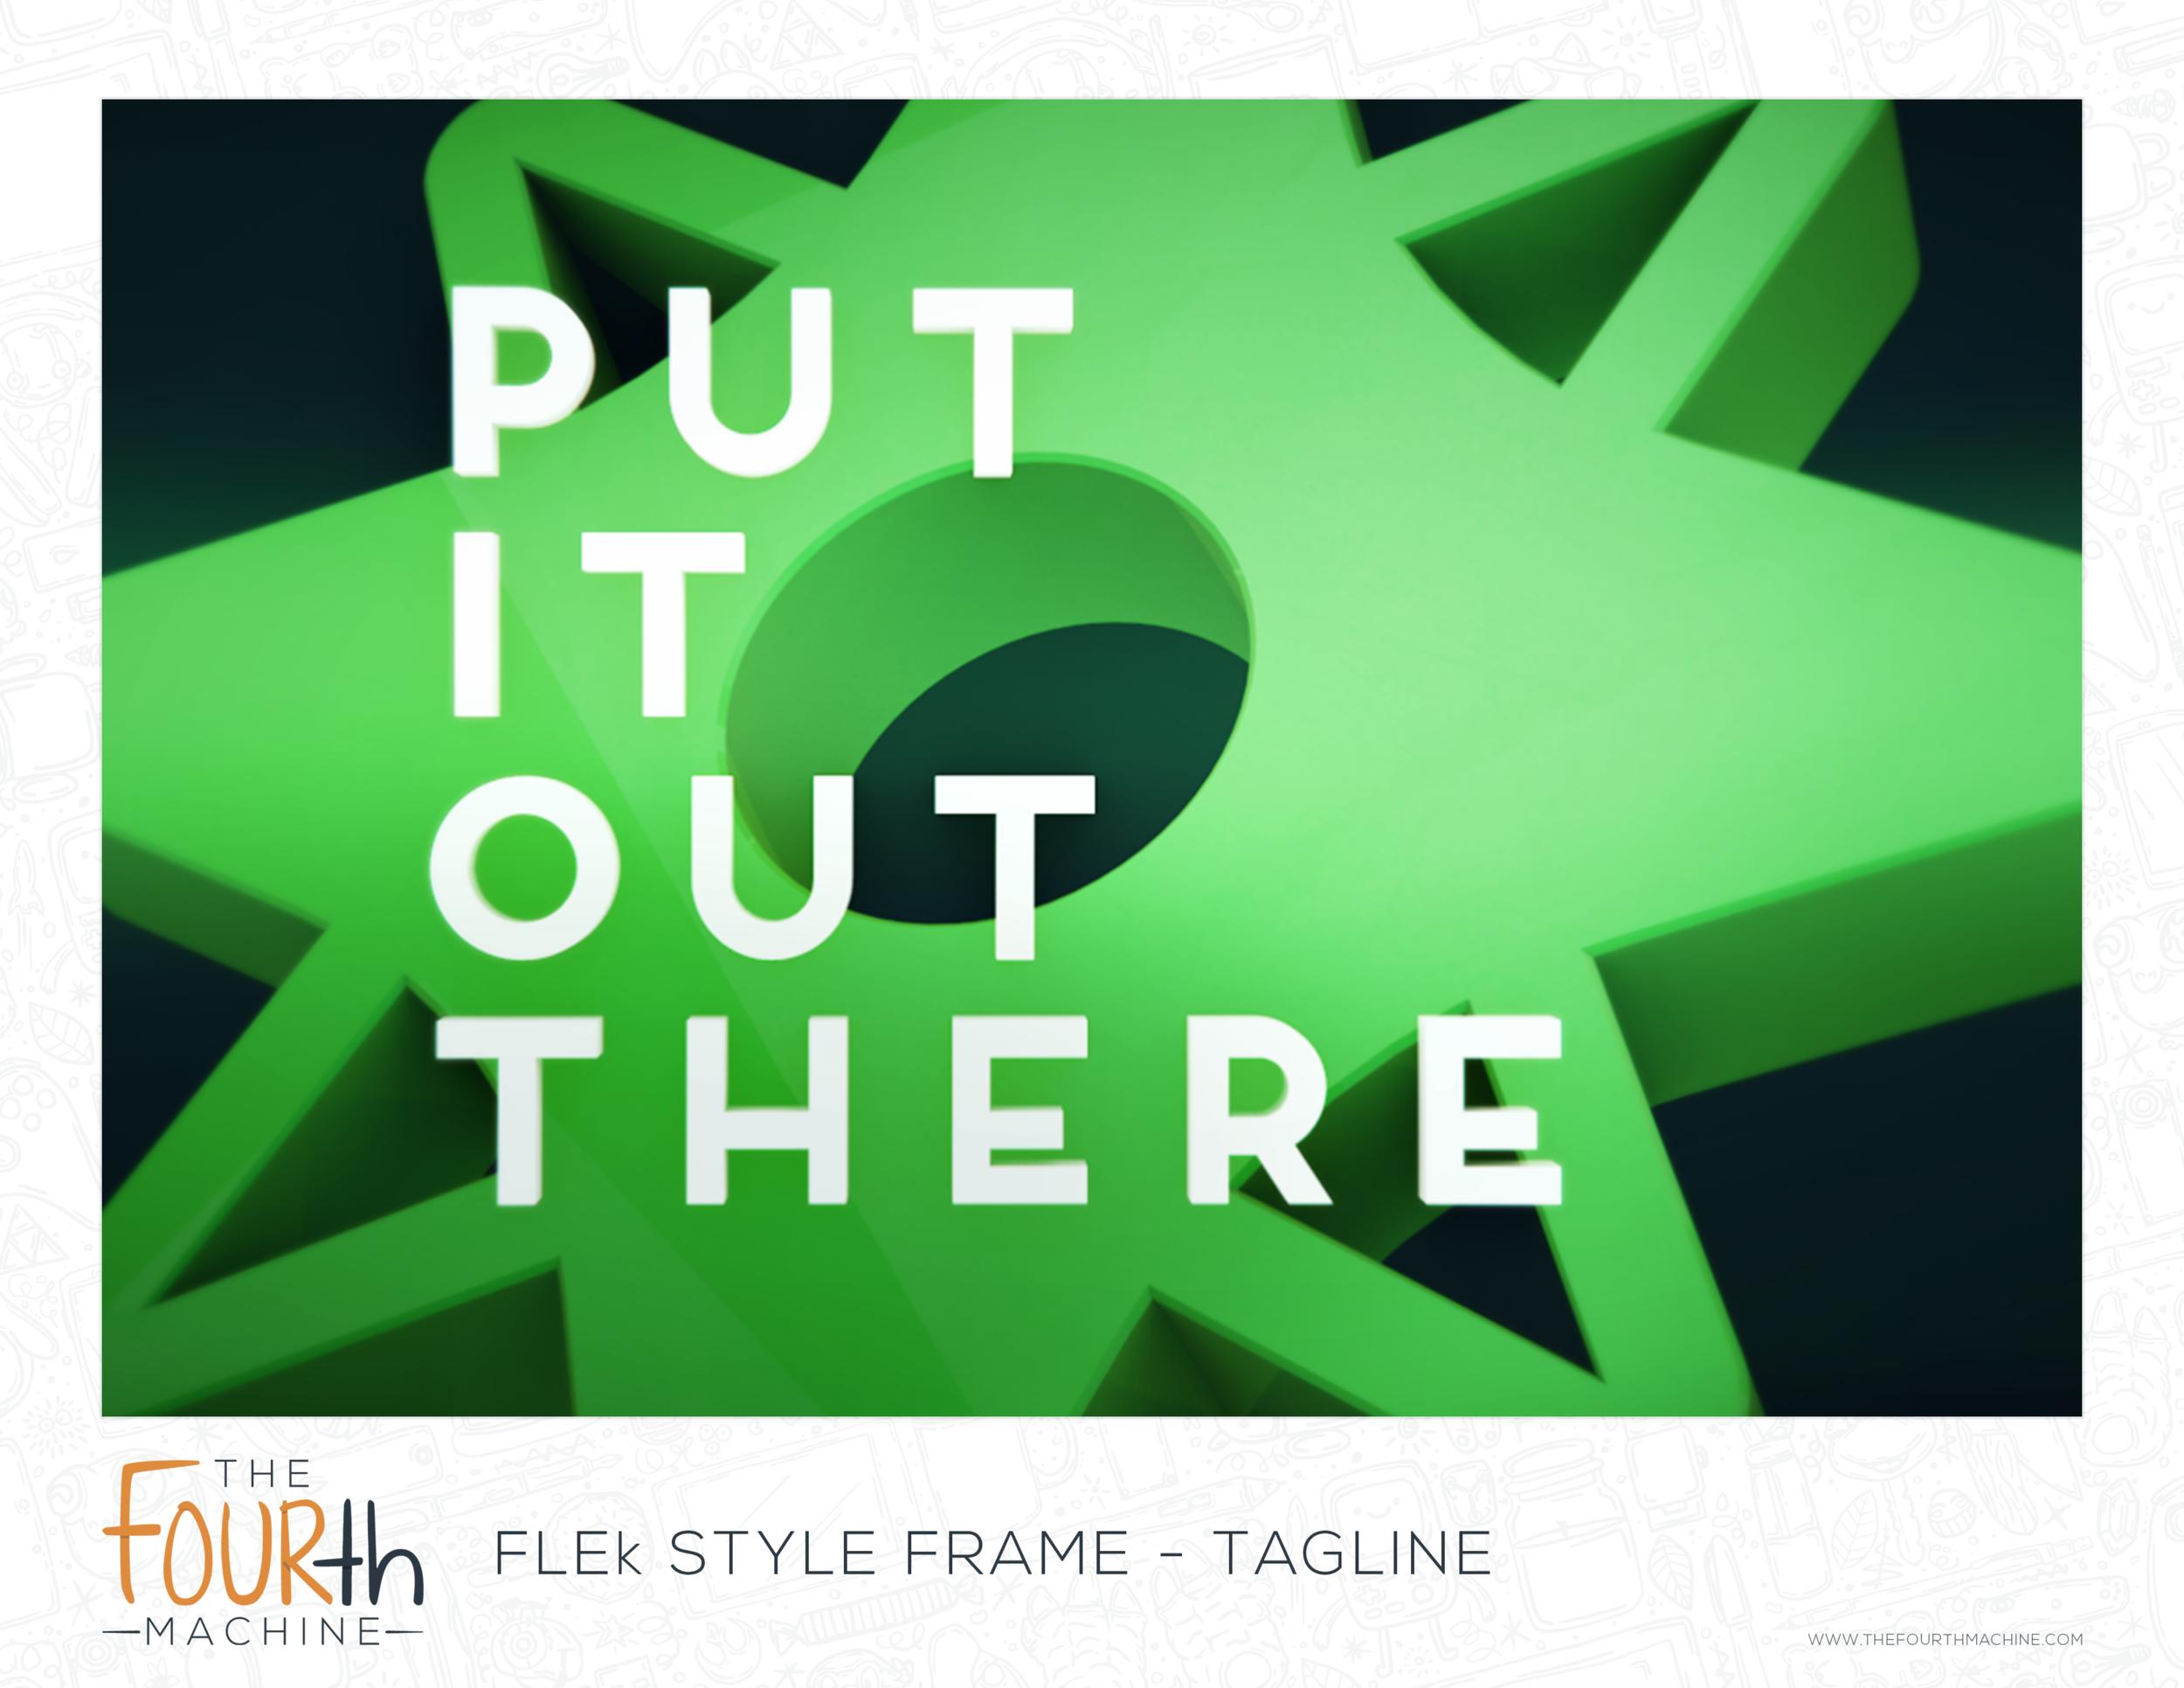 FLEk_Style_Frame_Tagline.png